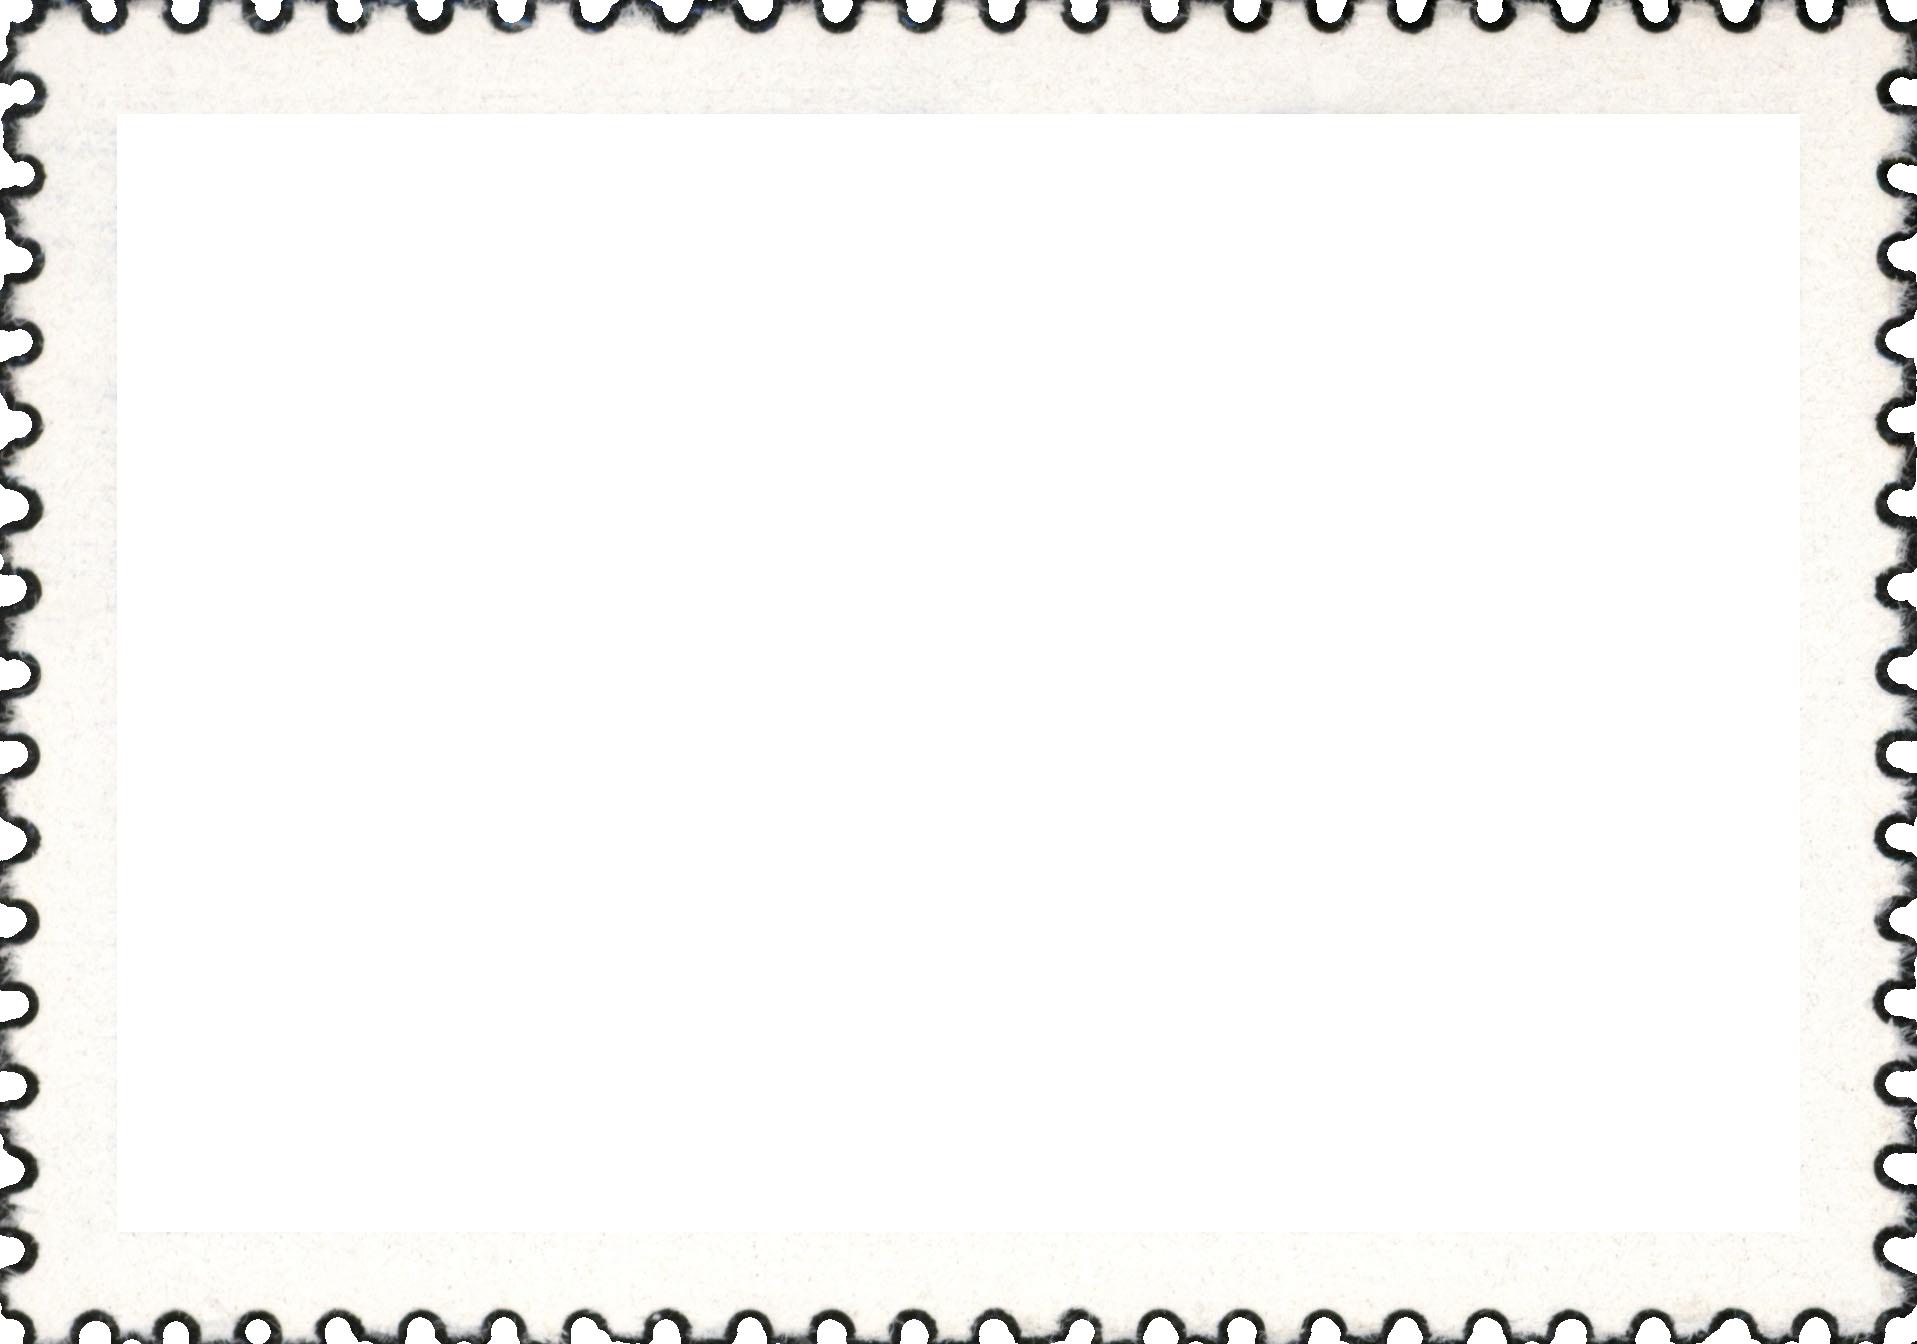 printable postage stamp template clipart best. Black Bedroom Furniture Sets. Home Design Ideas